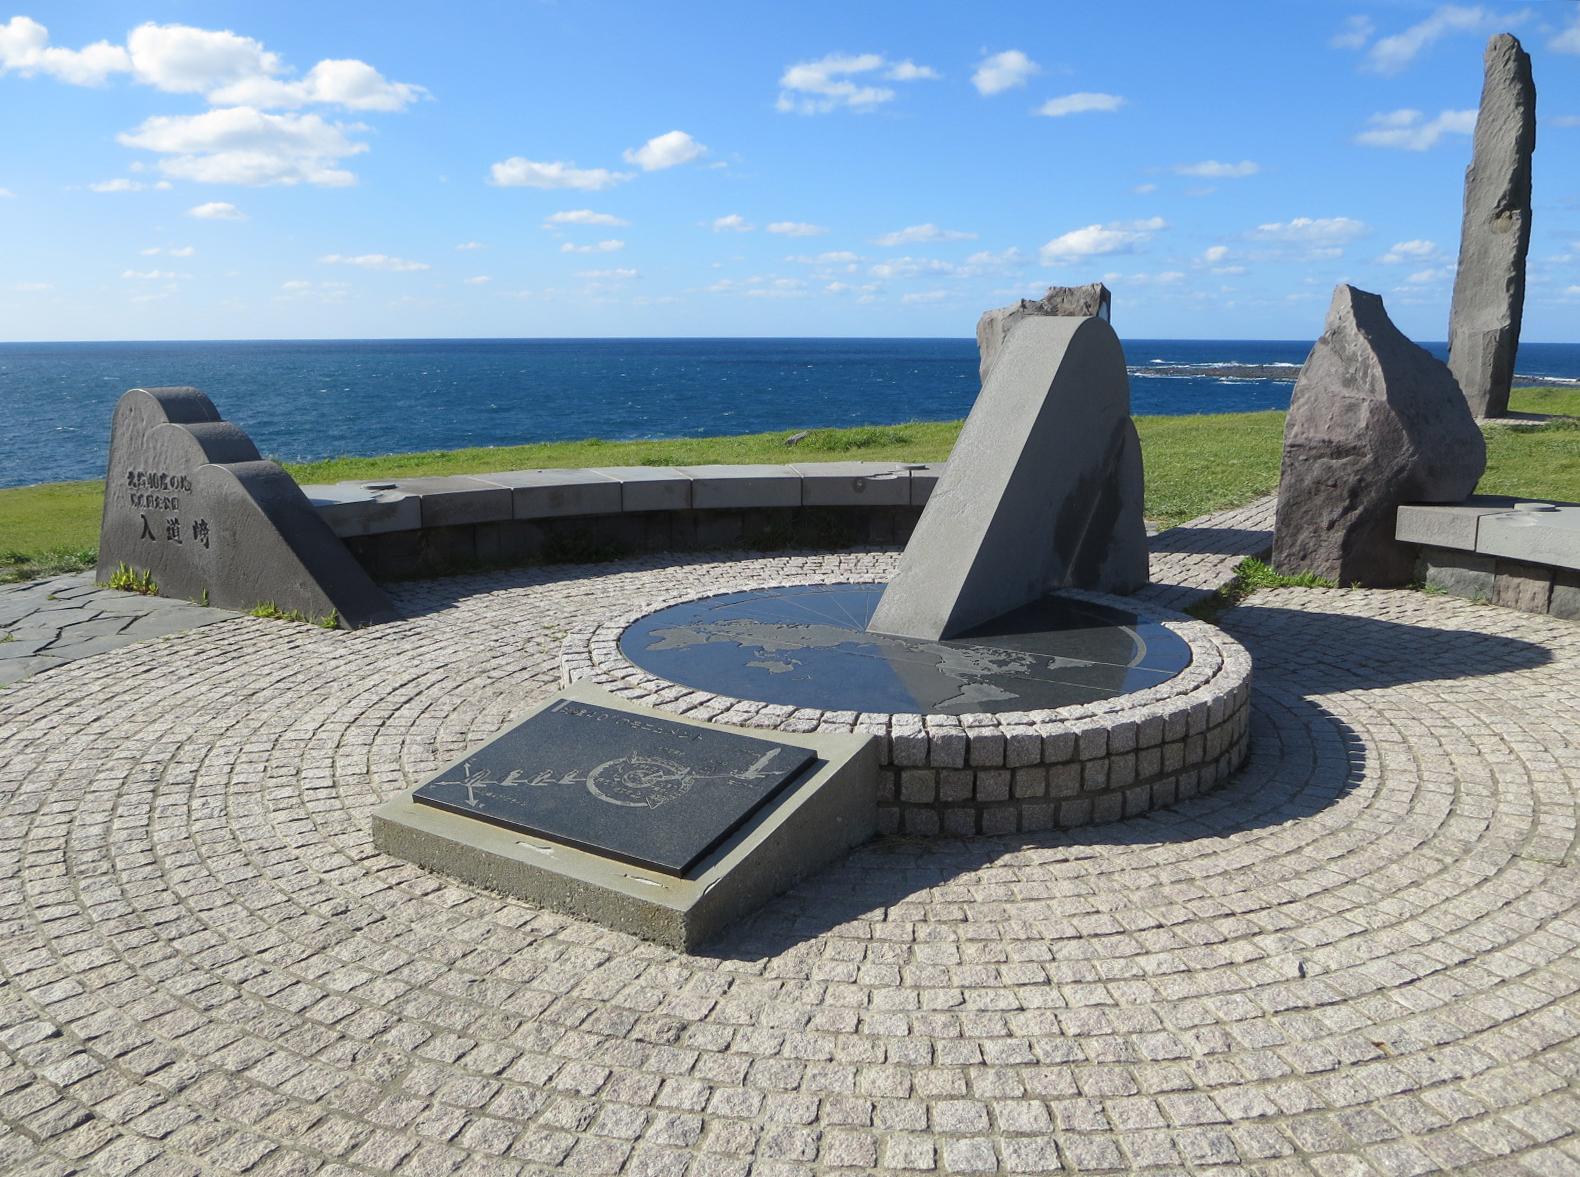 入道崎海岸にある日時計と北緯40度のモニュメント。